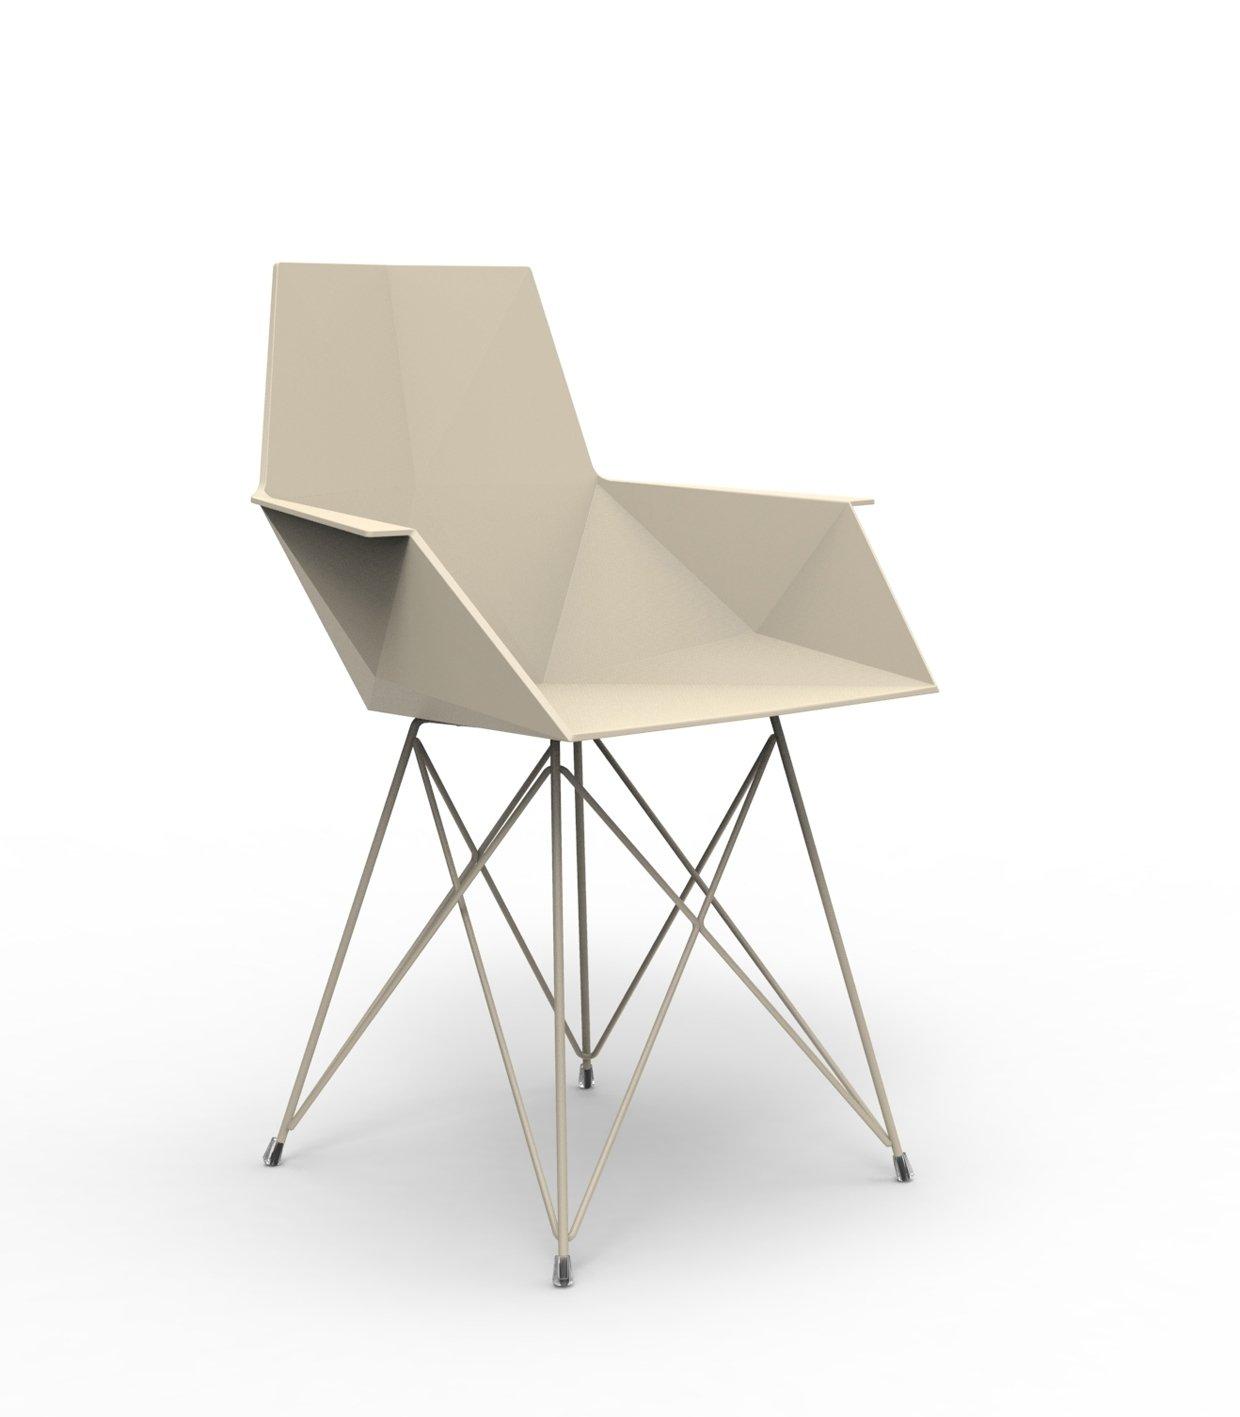 Vondom FAZ Stuhl mit Armlehnen - ecru - Stahlgestell - Ramón Esteve - Design - Esszimmerstuhl - Gartenstuhl